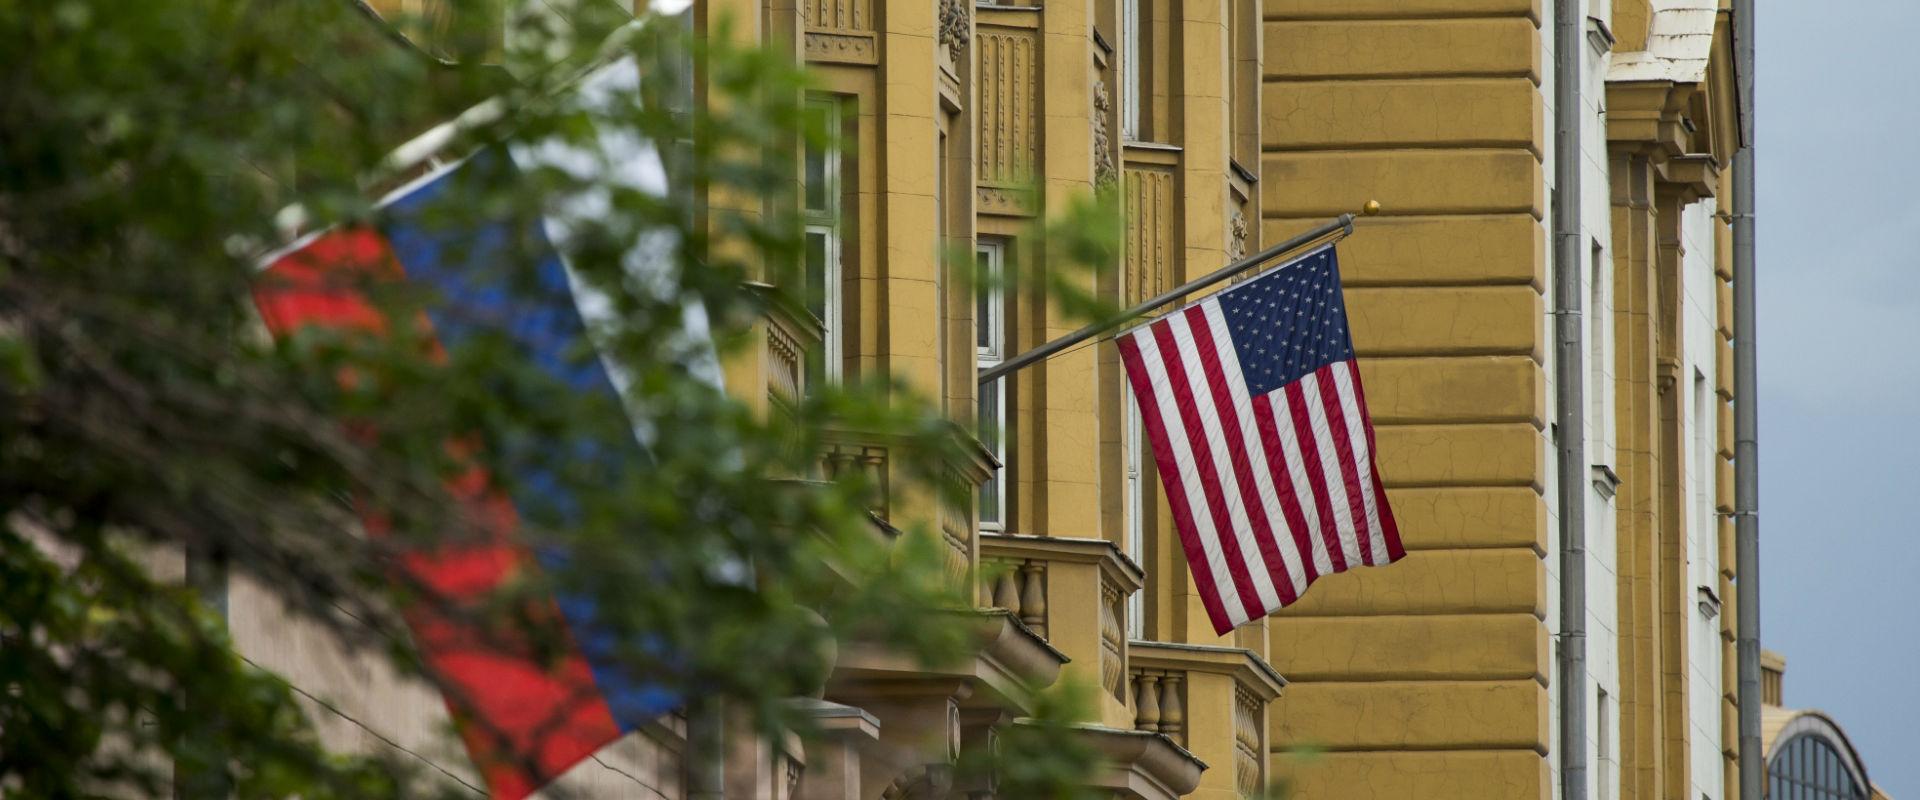 דגלי ארצות הברית ורוסיה